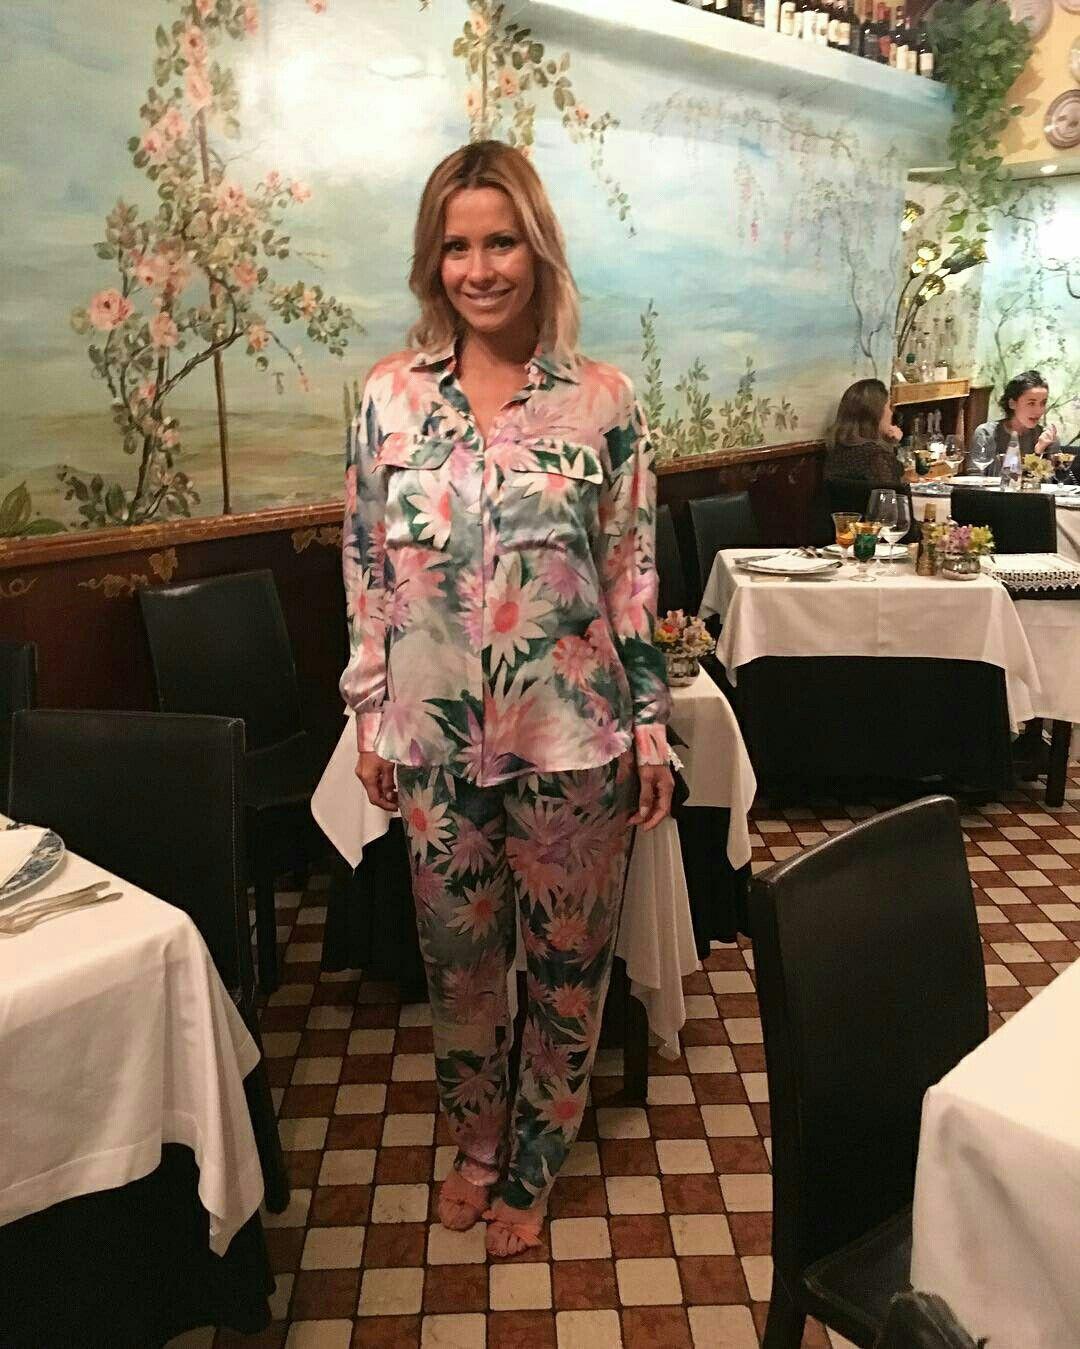 Pijama  @monicagsalgado